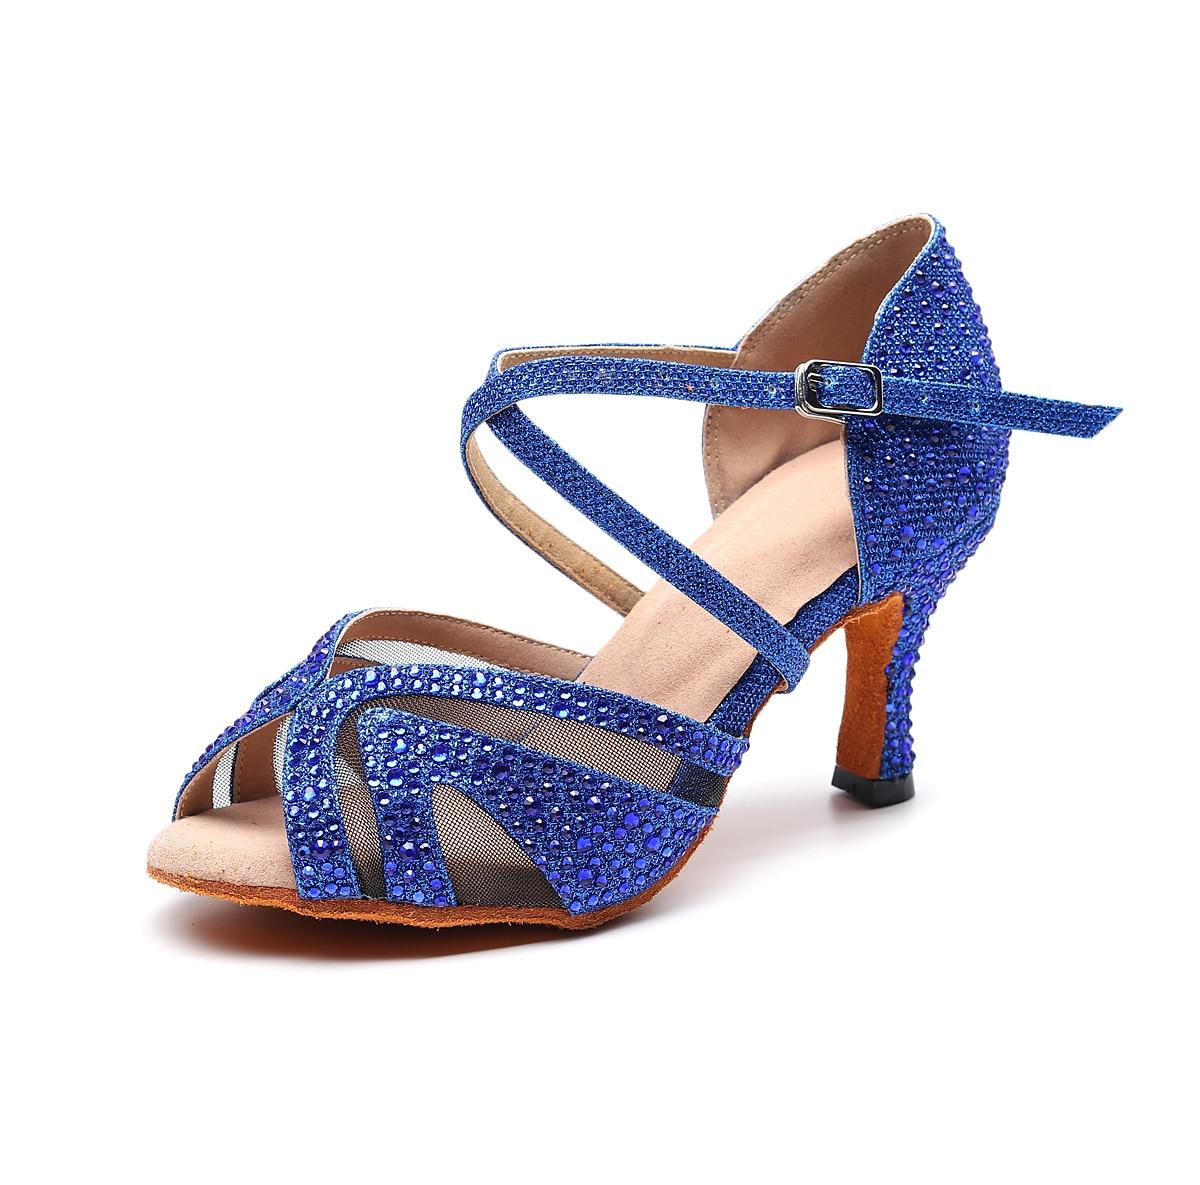 Luxury 2019 Jazz Salsa Ballroom Latin Dance Shoes For Dancing Women Dancers Small Feet High Heels Schoenen Summer Sandals